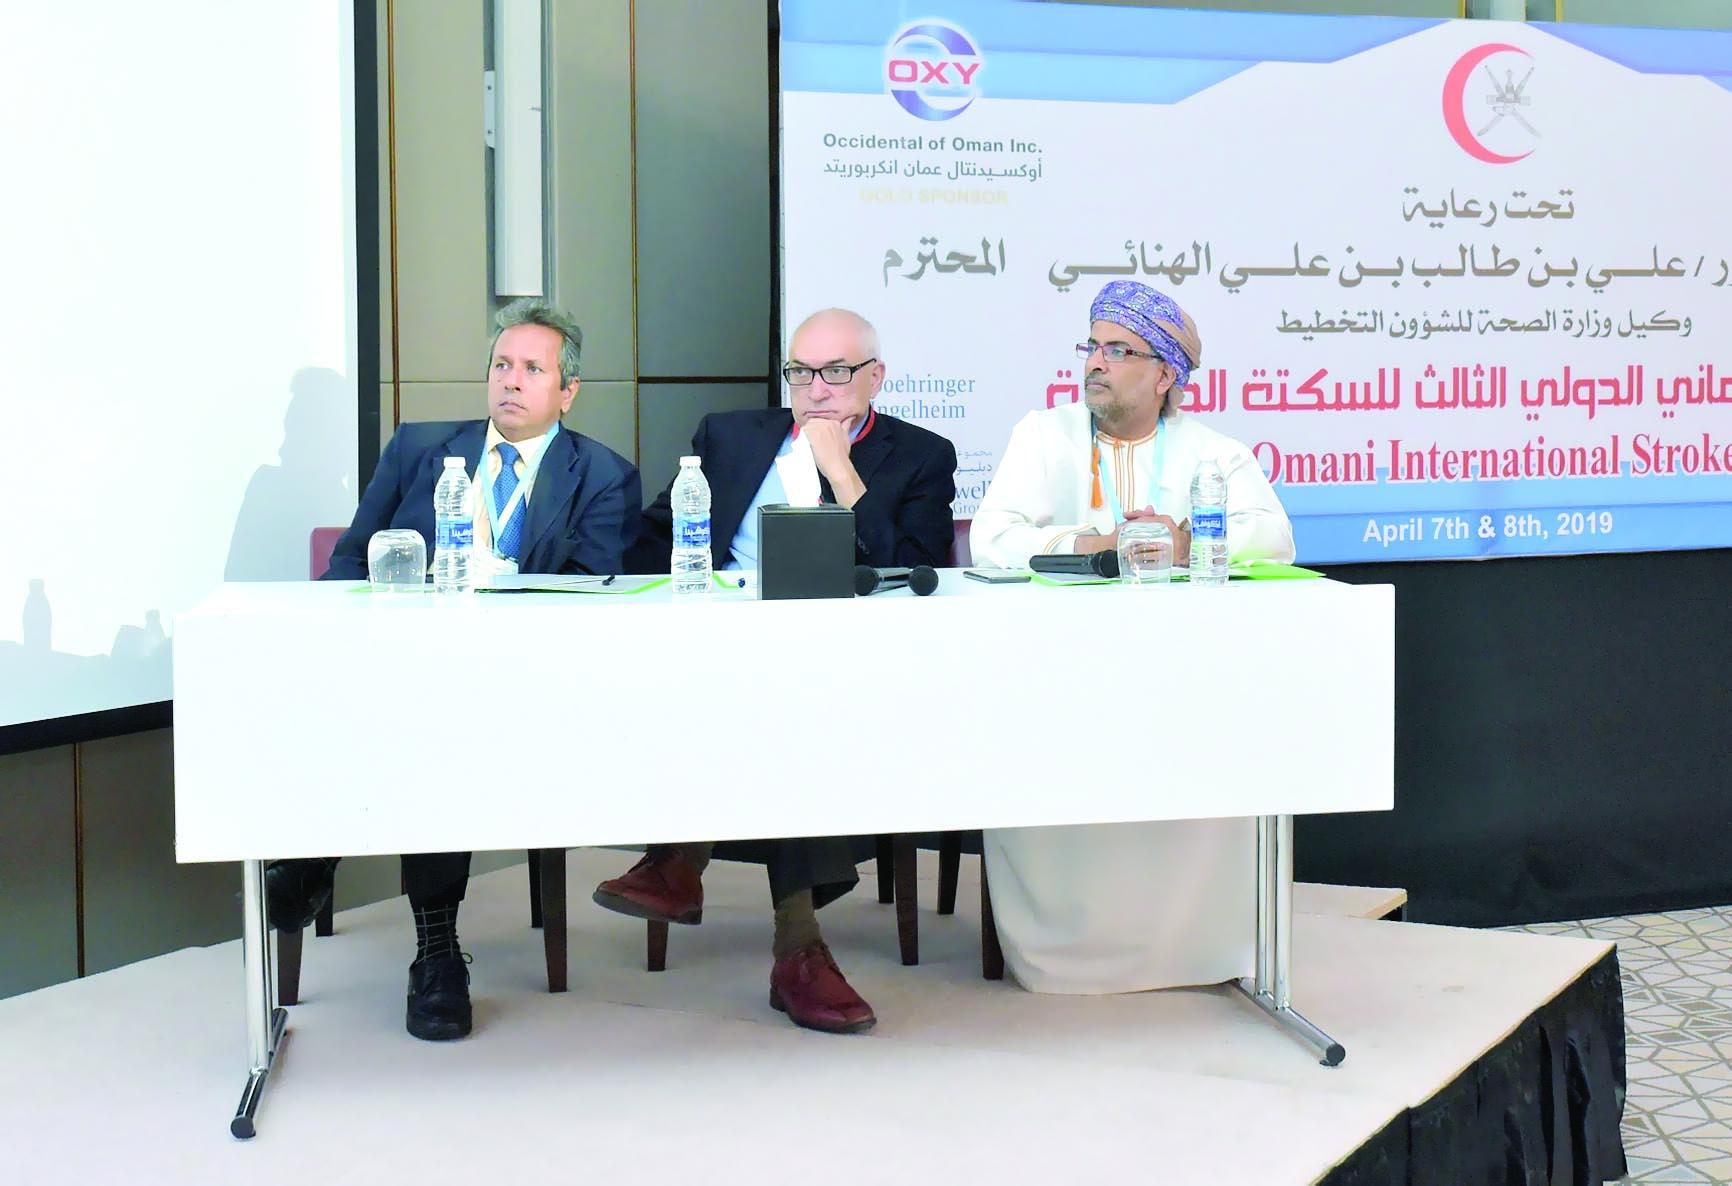 بمشاركة 250 من الكوادر الطبية.. انطلاق فعاليات المؤتمر العماني الدولي للسكتة الدماغية